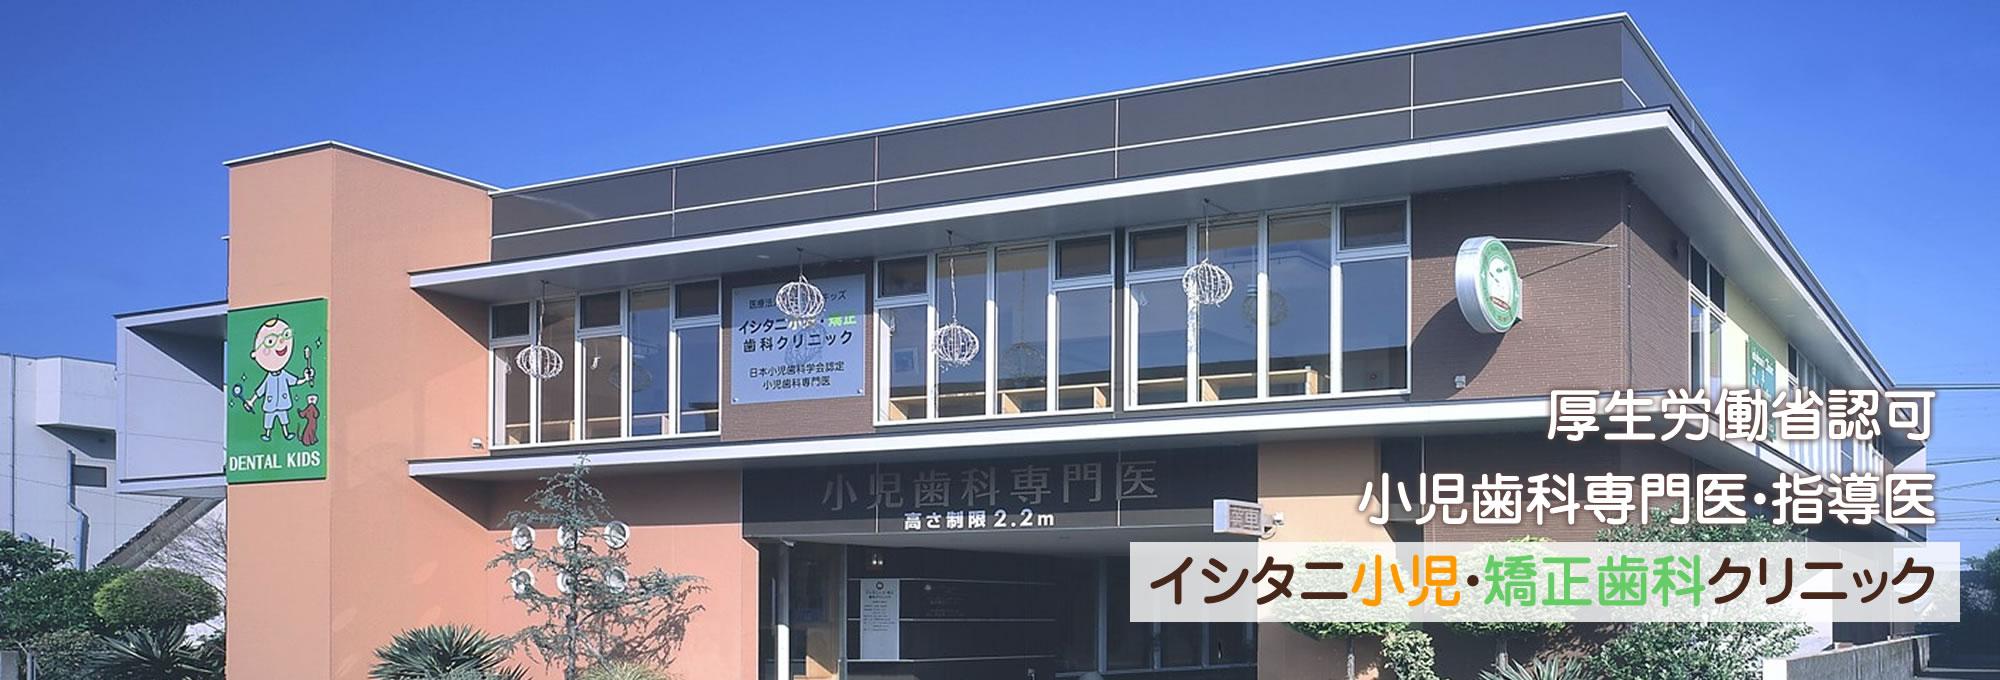 イシタニ小児・矯正歯科クリニック6